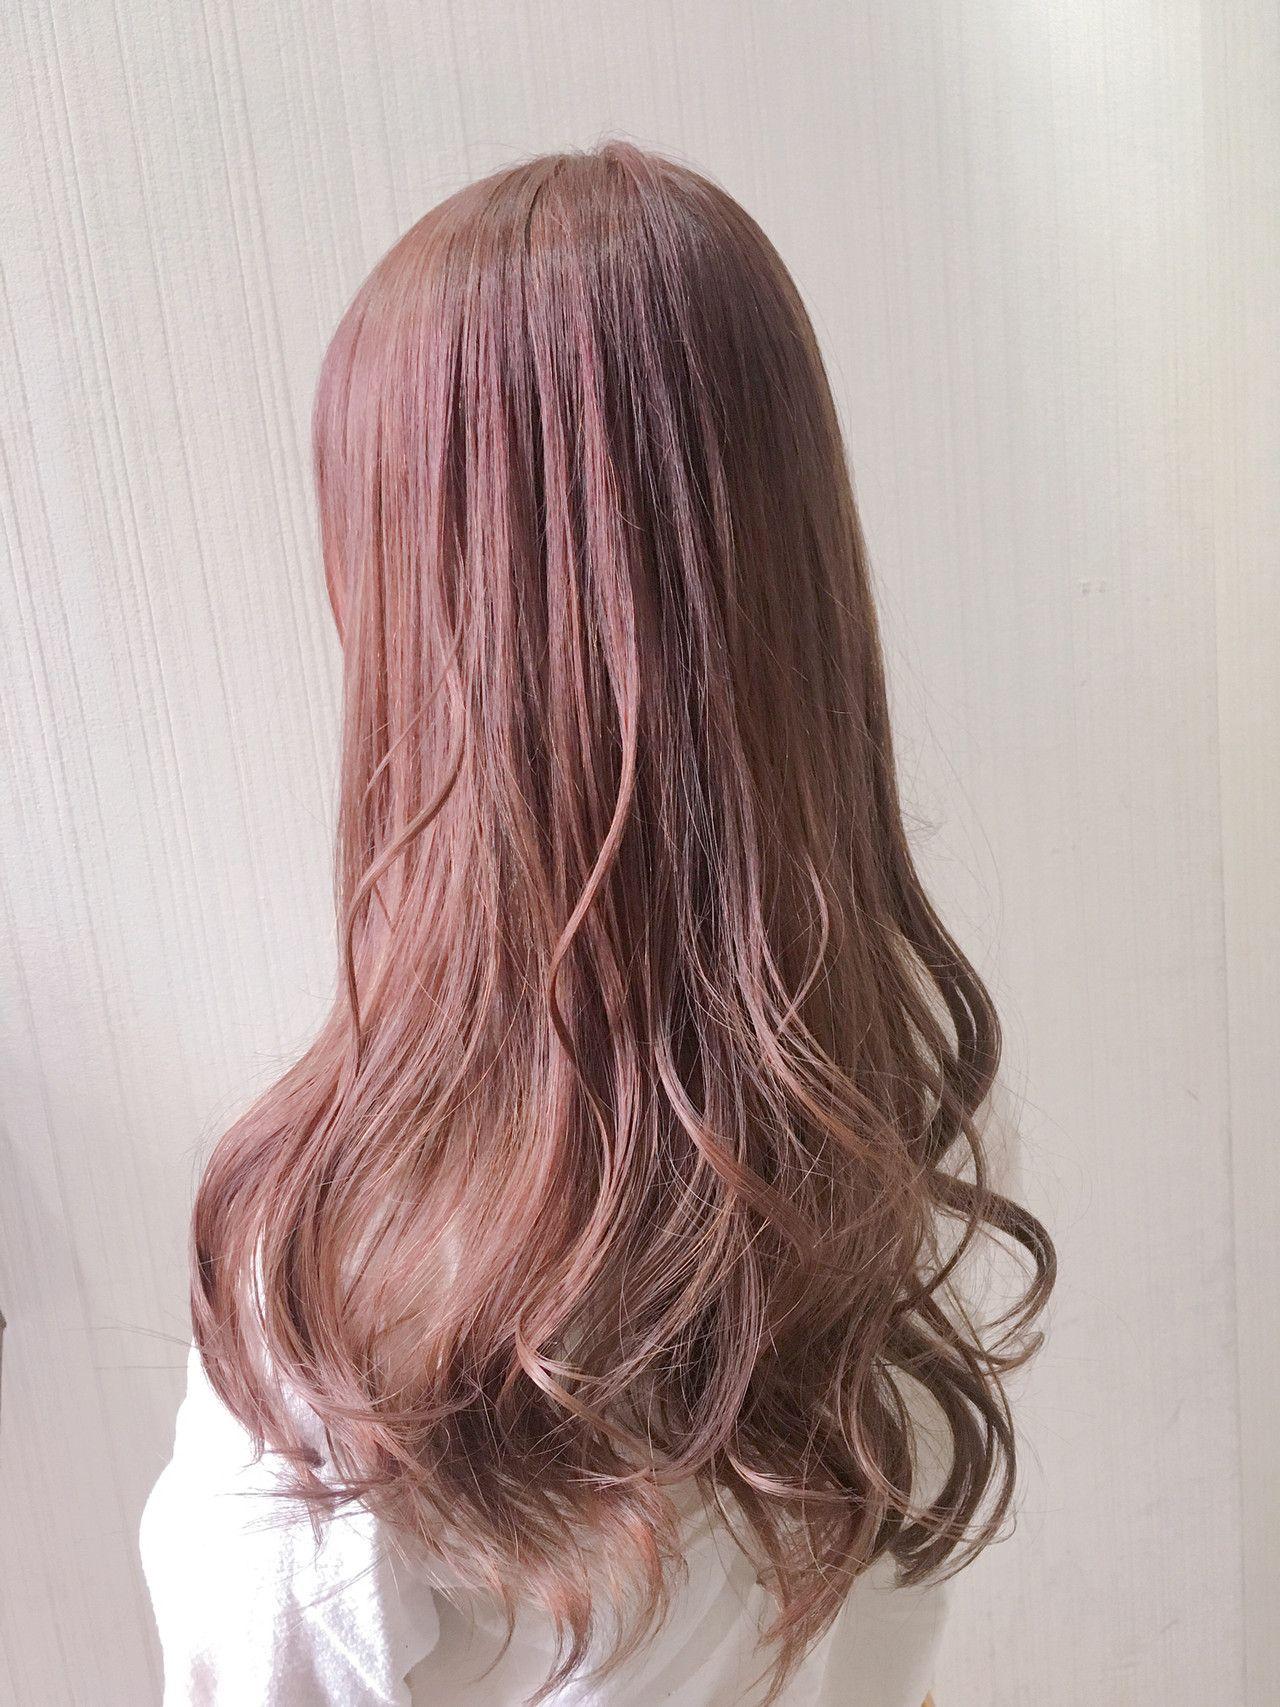 明るめ 暗めどっちも可愛い グレー系髪色で似合うコーデをご提案 髪 色 ヘアカラー ヘアスタイル